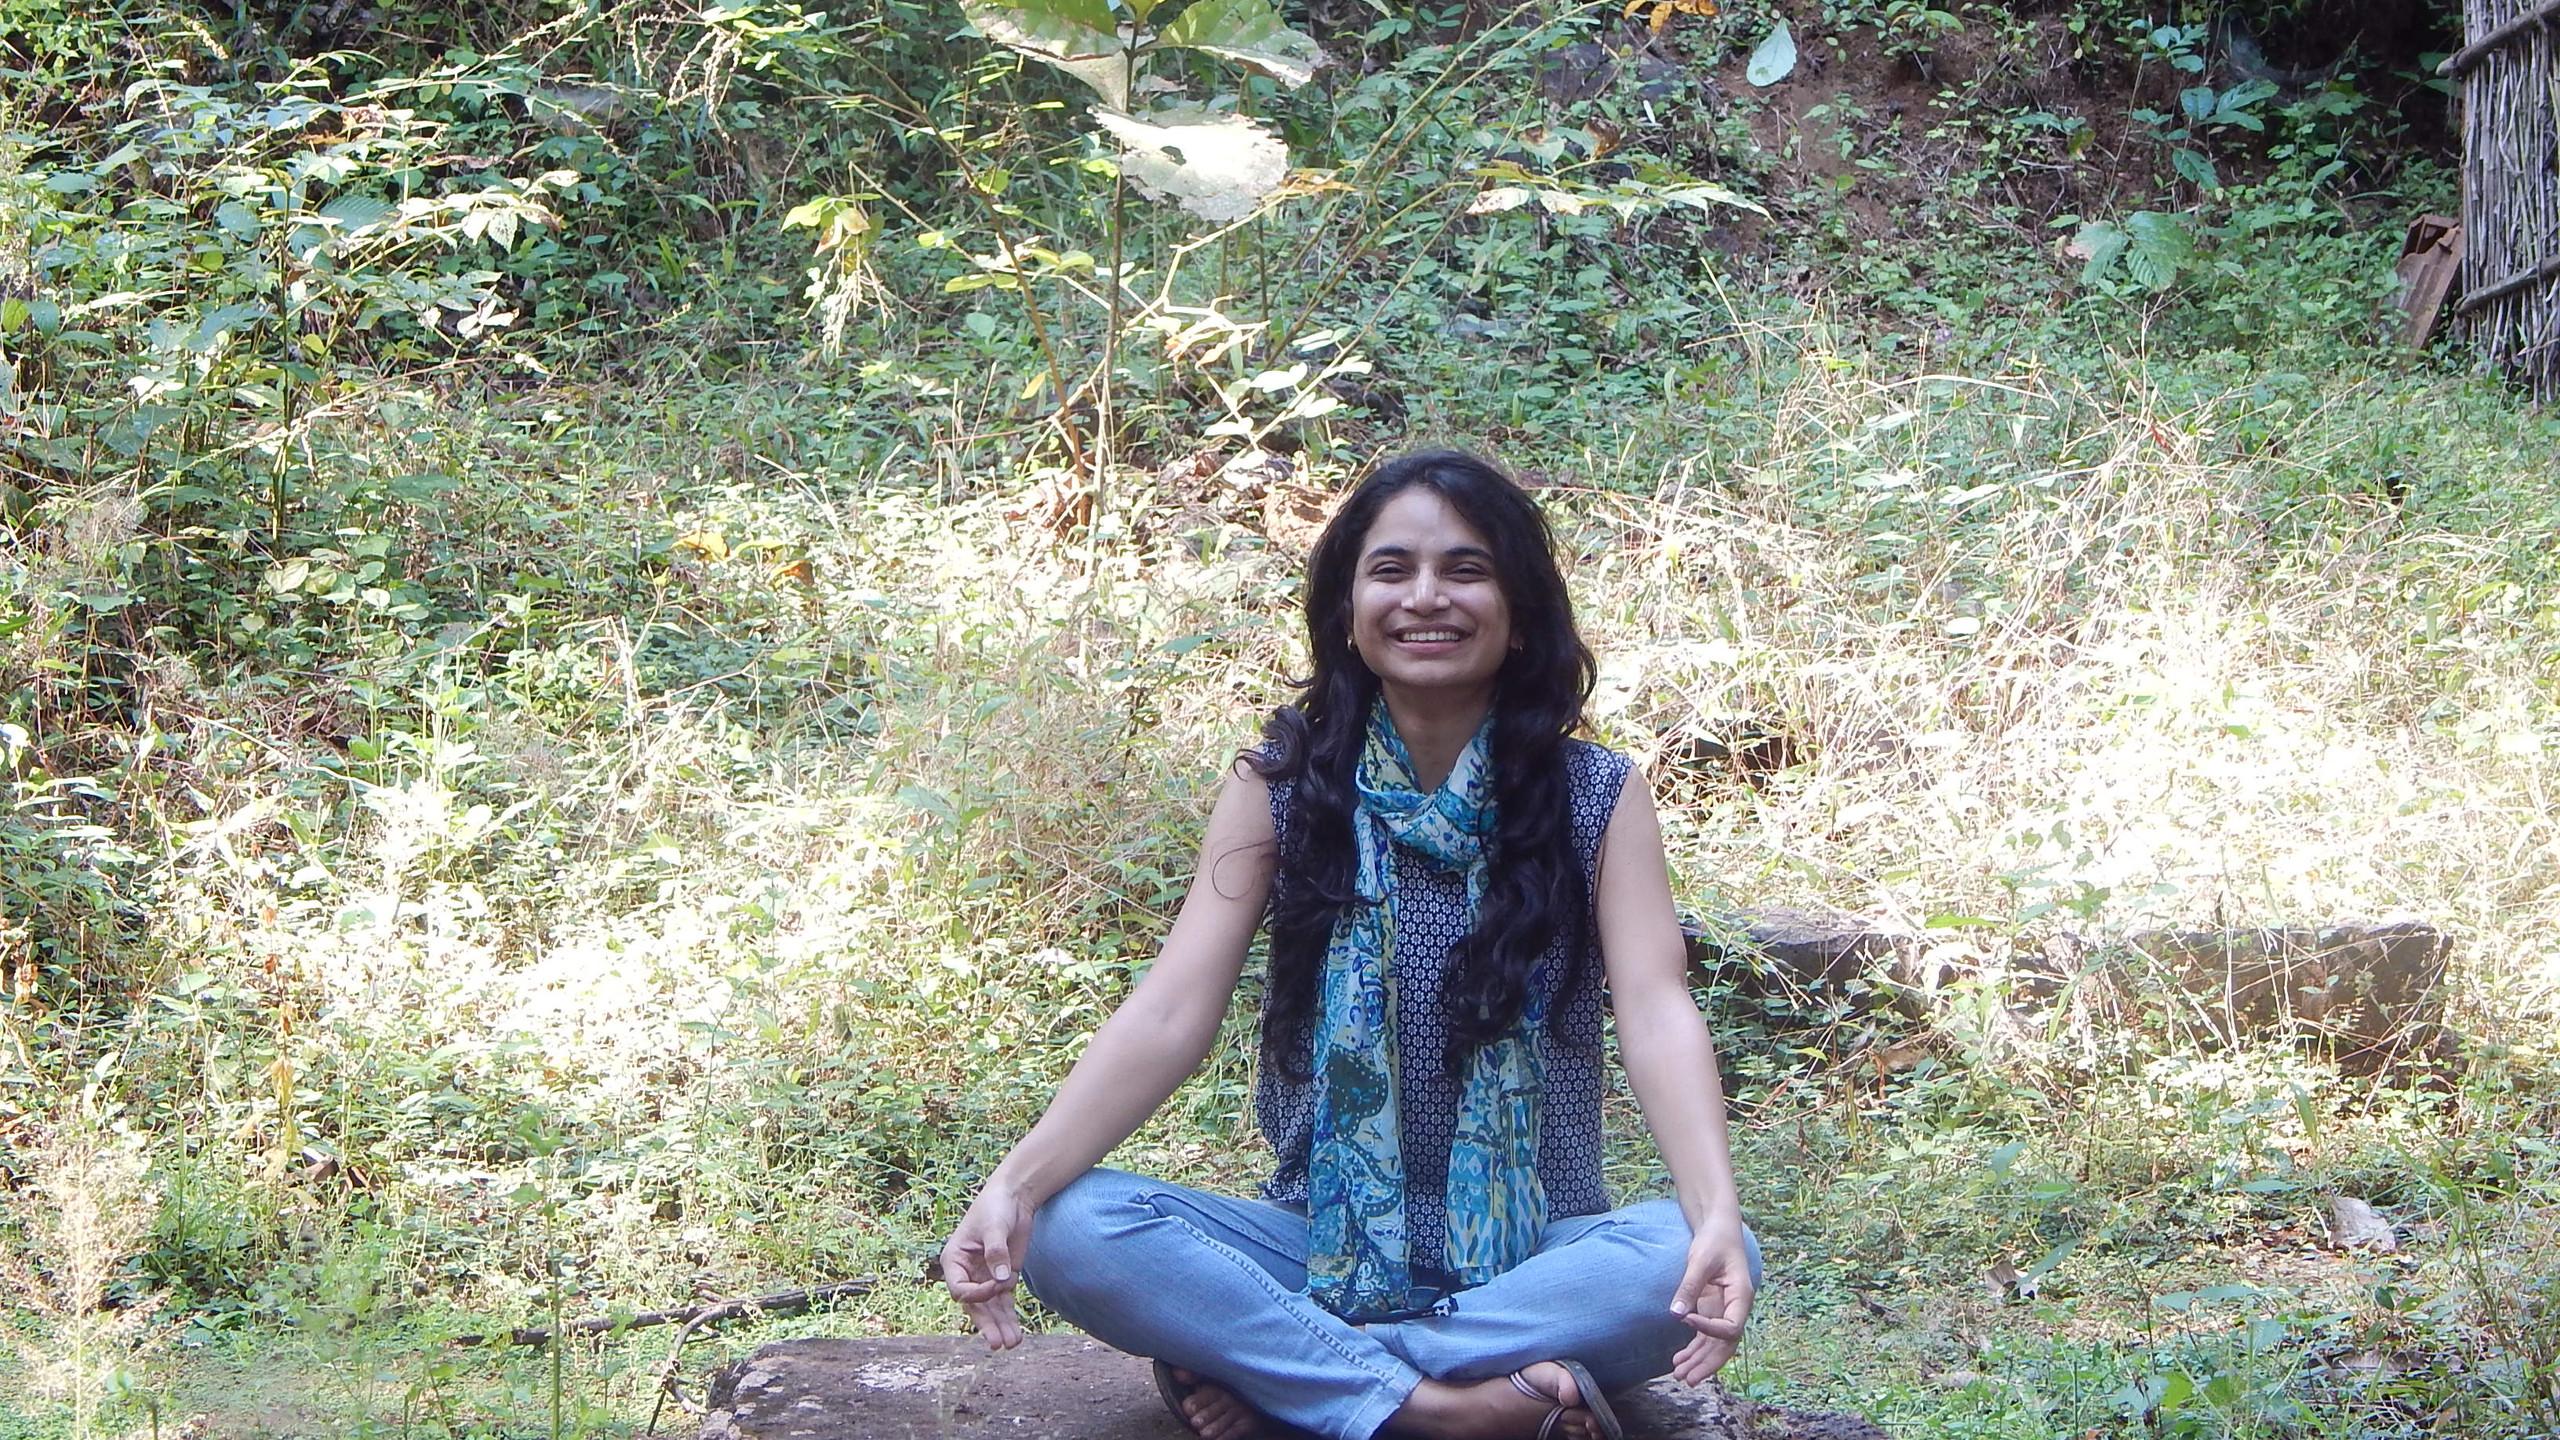 Samidha Patil